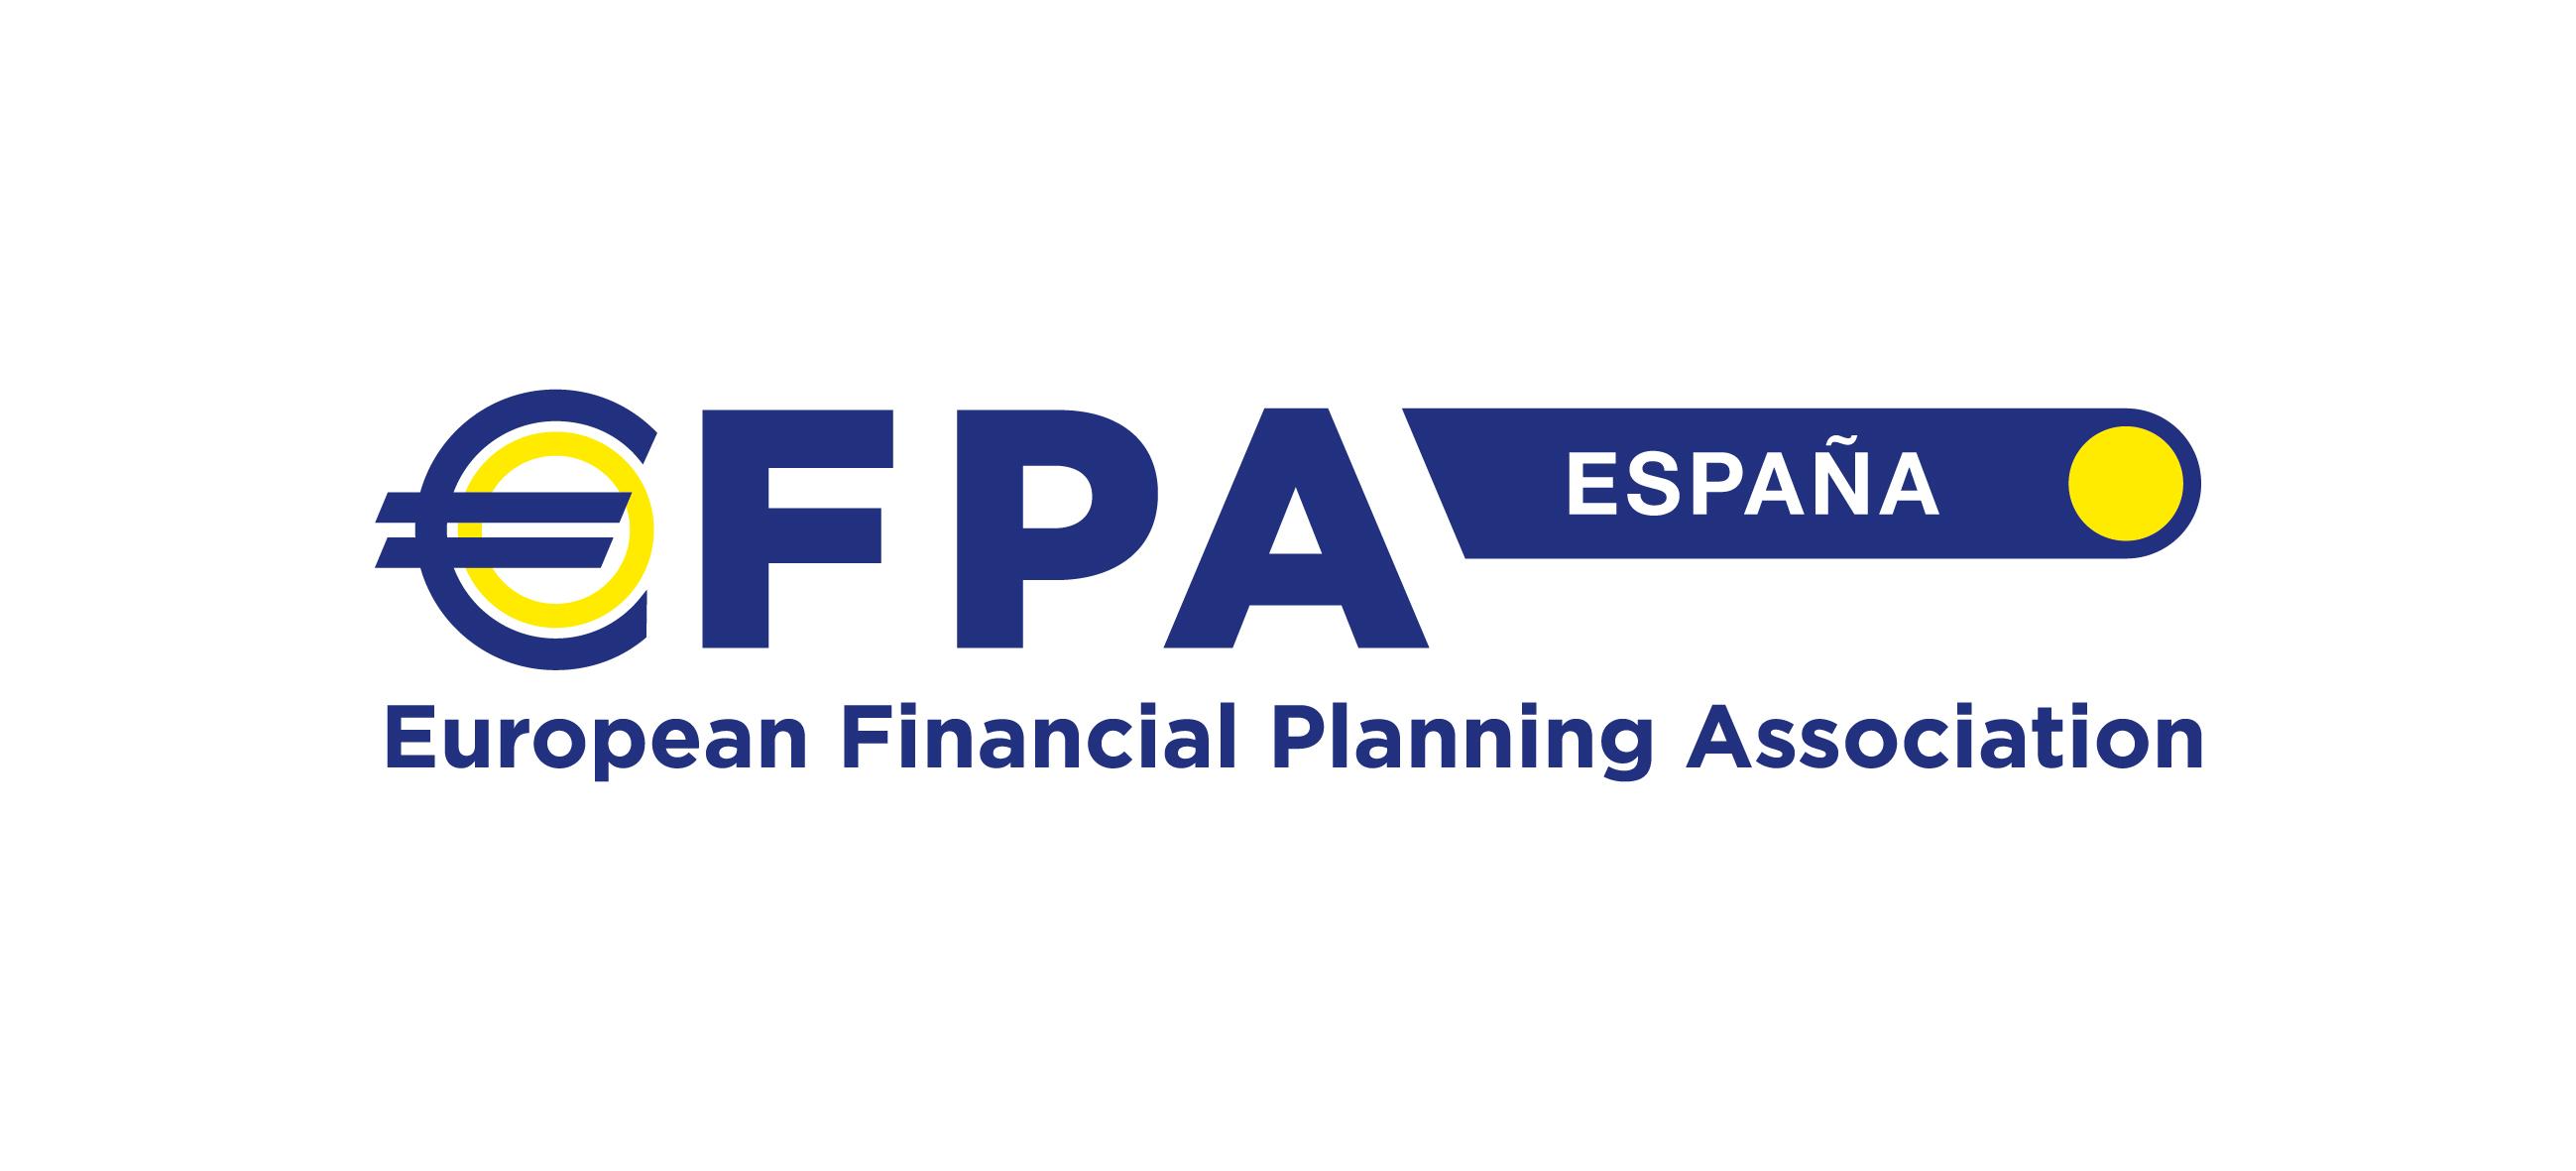 EFPA_logo_normal_espan¦âa1